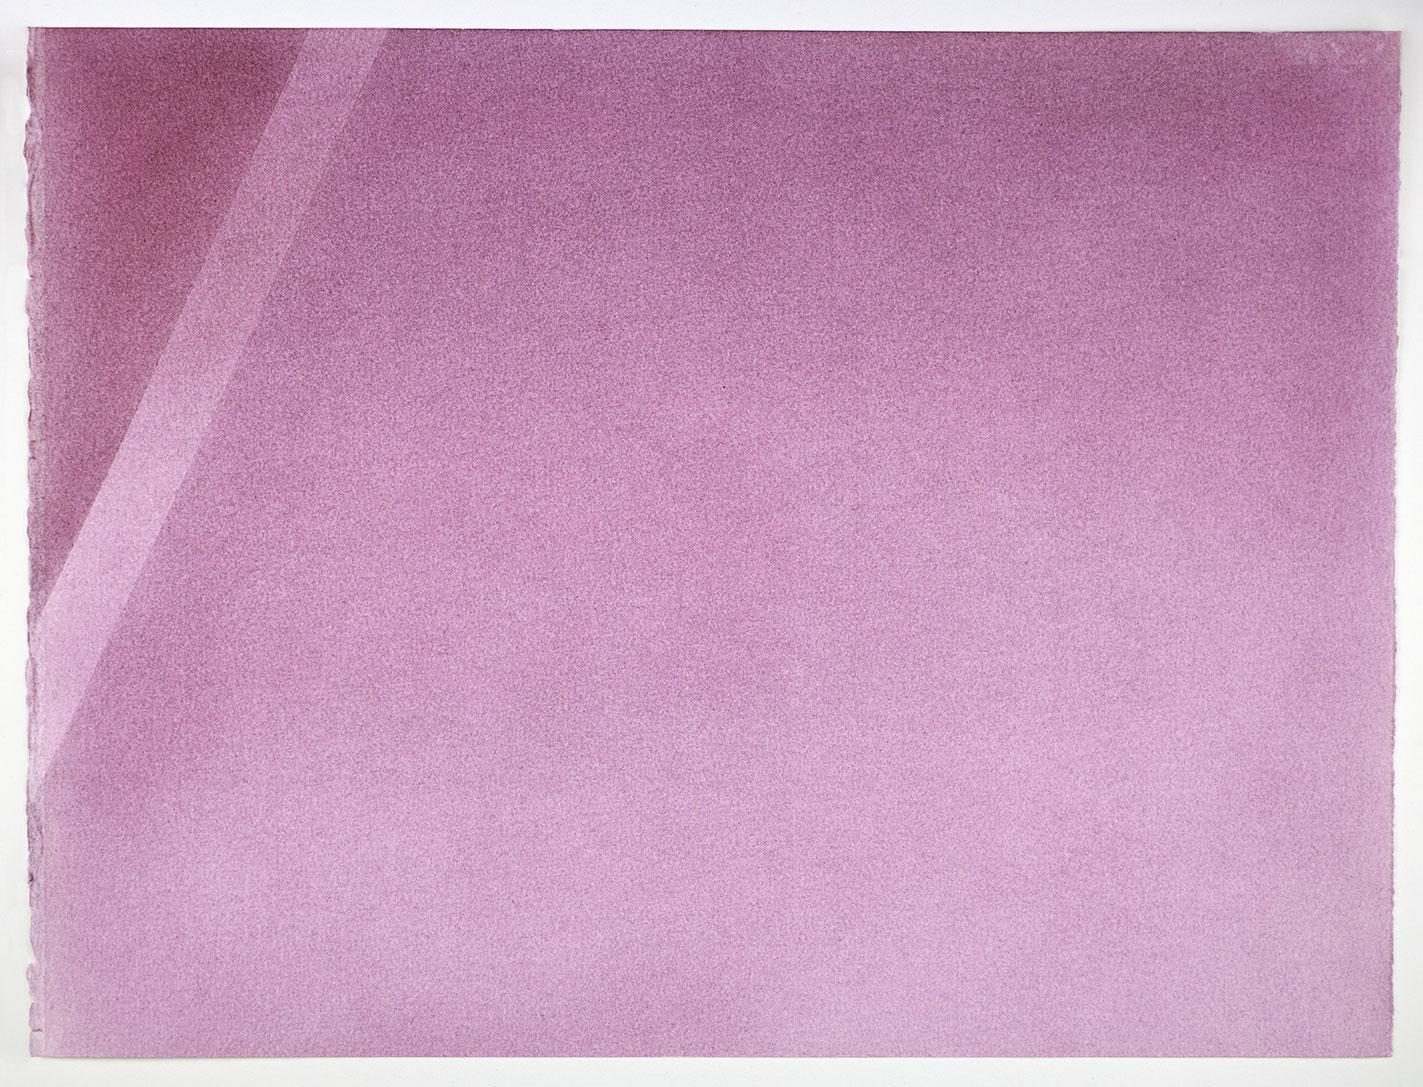 """Andréanne Godin,  Une nuance de violet  (de la série  Une promenade avec Pierre ), 2016, pigments secs (violet quinachridone) sur papier Arches, 35 x 46 cm (13.5"""" x 18"""")"""